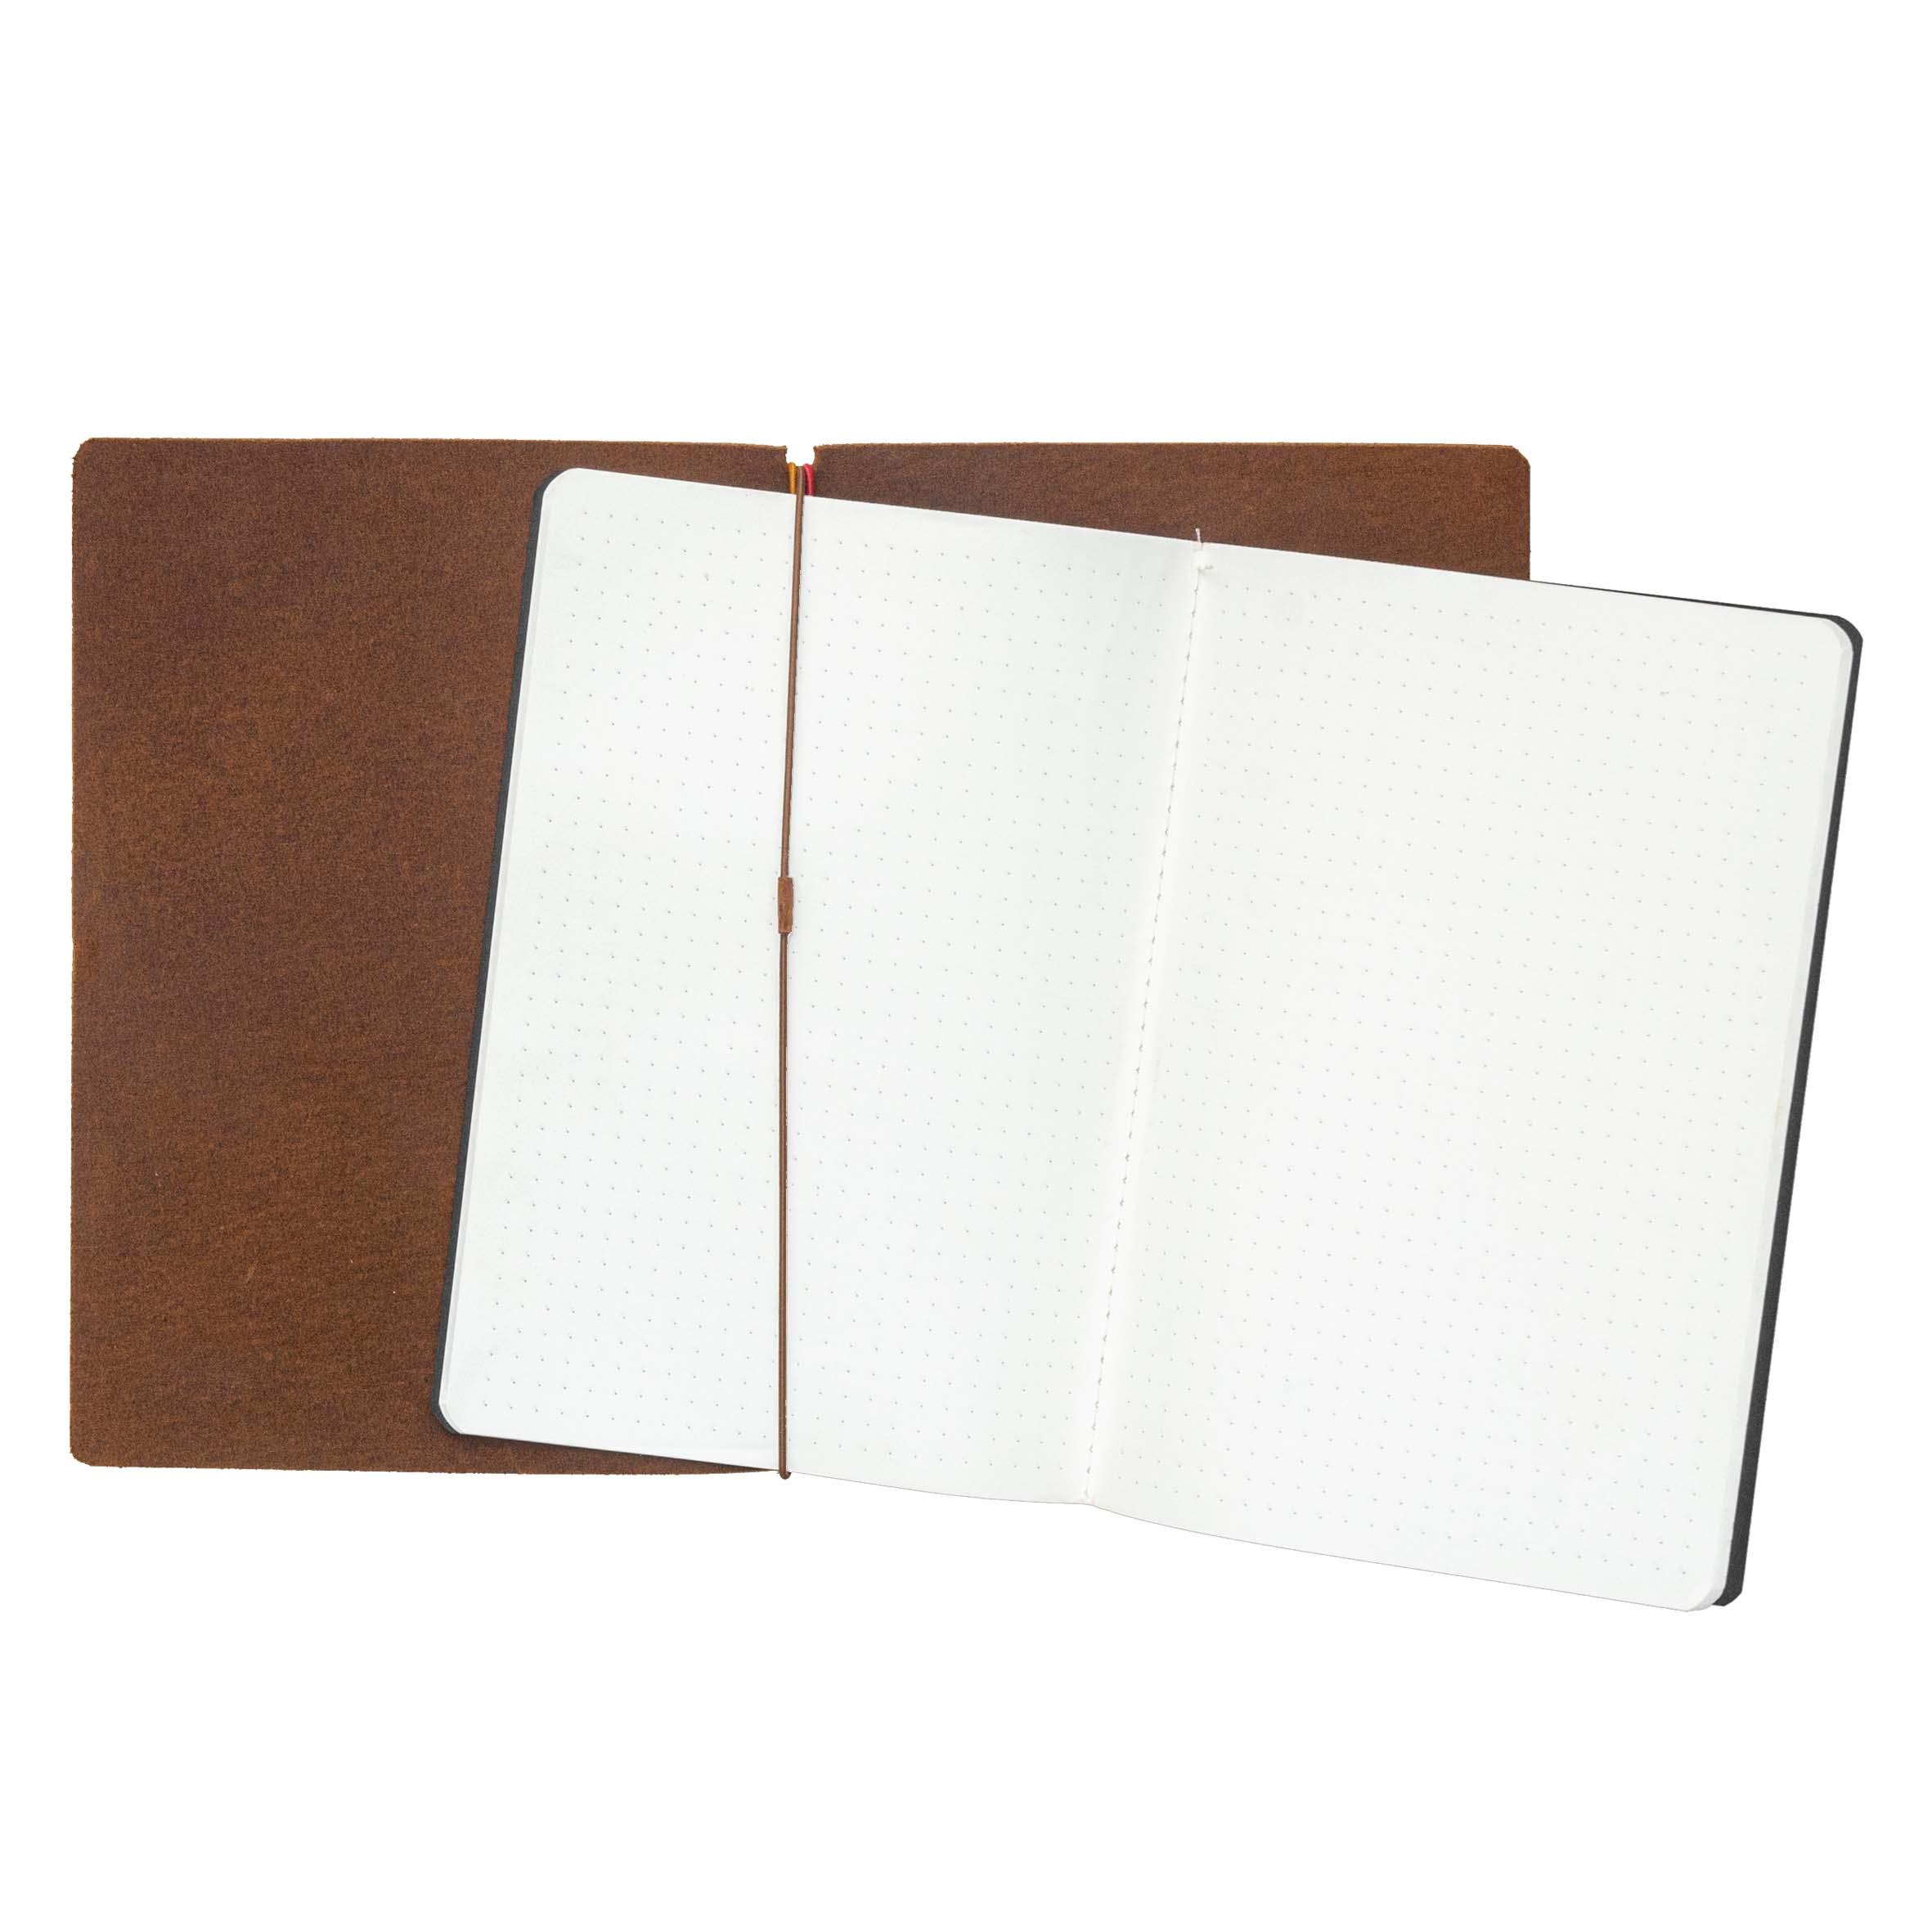 Enless Explorer Refillable Leather Journal